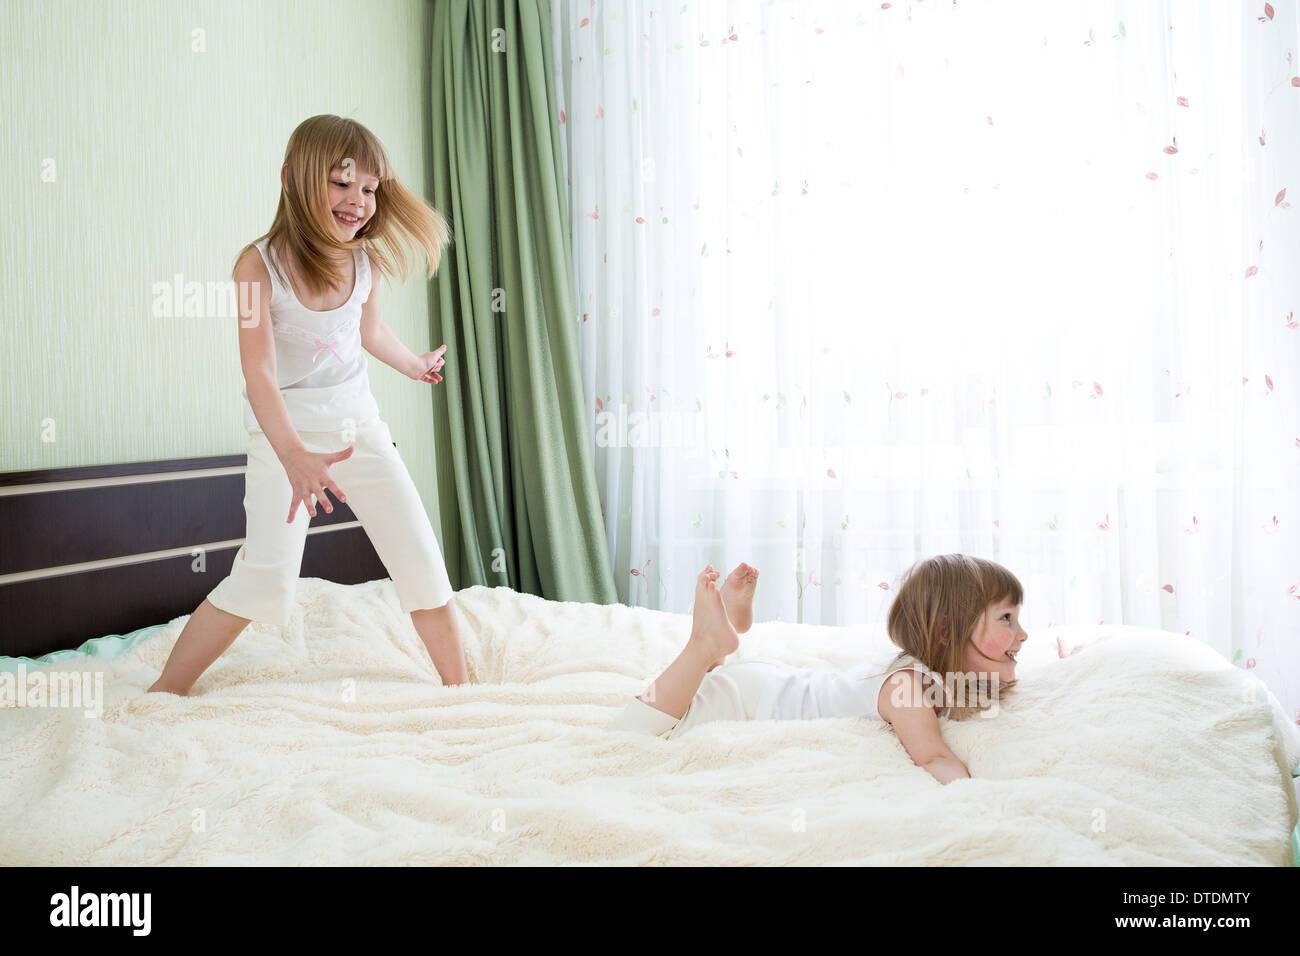 Dos hermanas jugando en la cama juntos Imagen De Stock